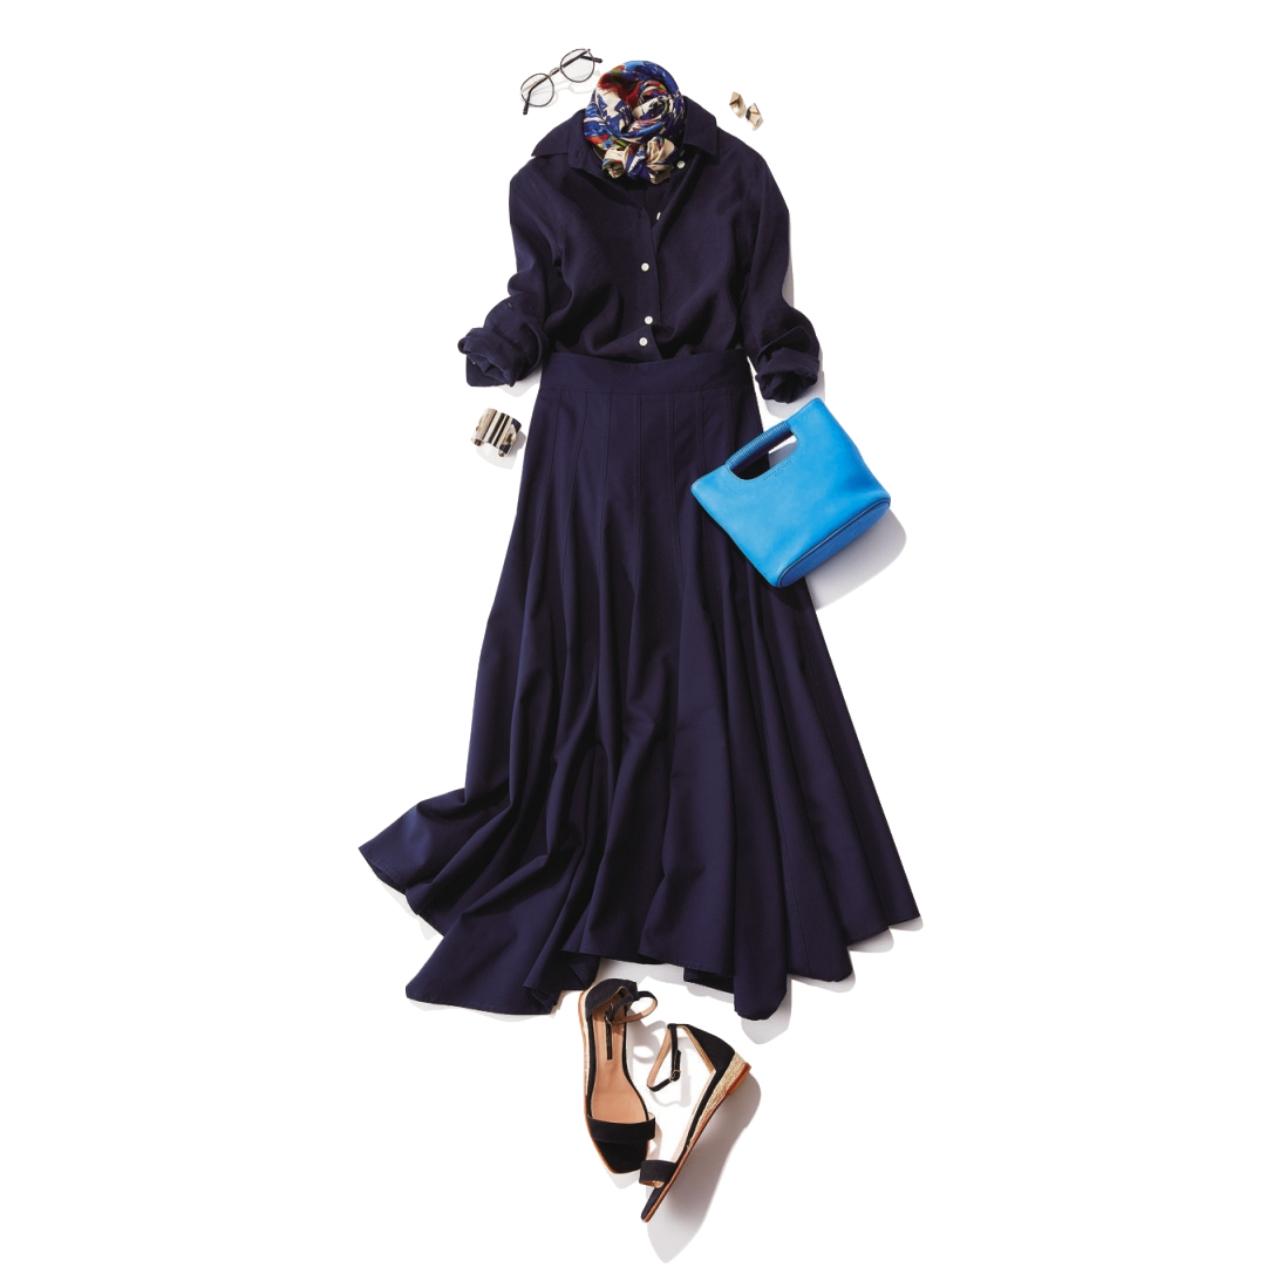 ダークネイビースカート×ネイビーシャツ&きれい色バッグのファッションコーデ